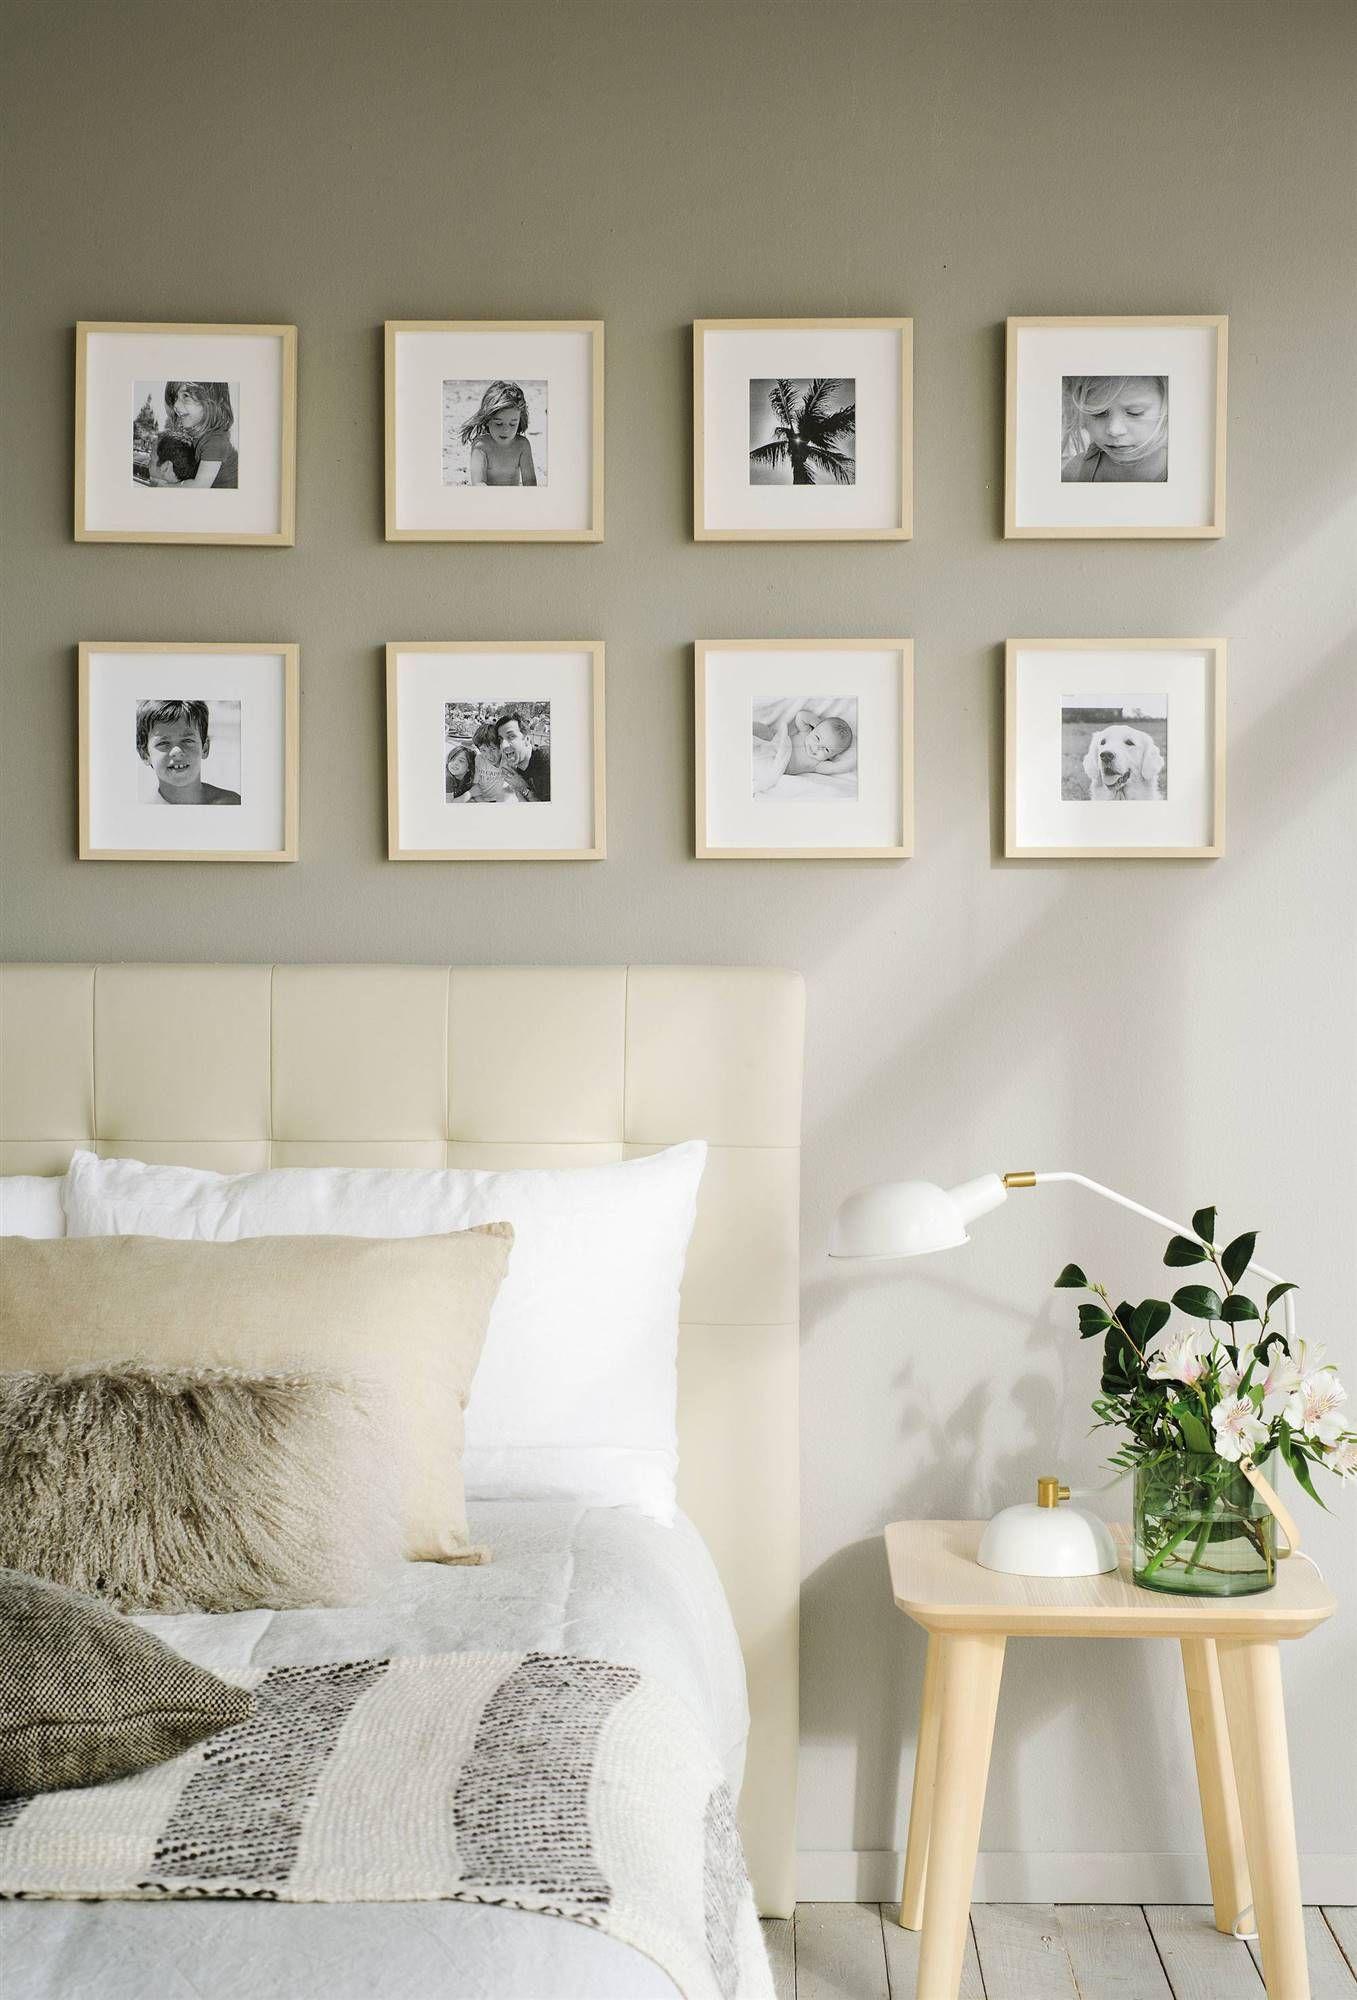 A Qué Altura Los Cuelgo Decorar Habitacion Matrimonio Decoracion De Interiores Dormitorios Matrimoniales Decorar Pared Habitacion